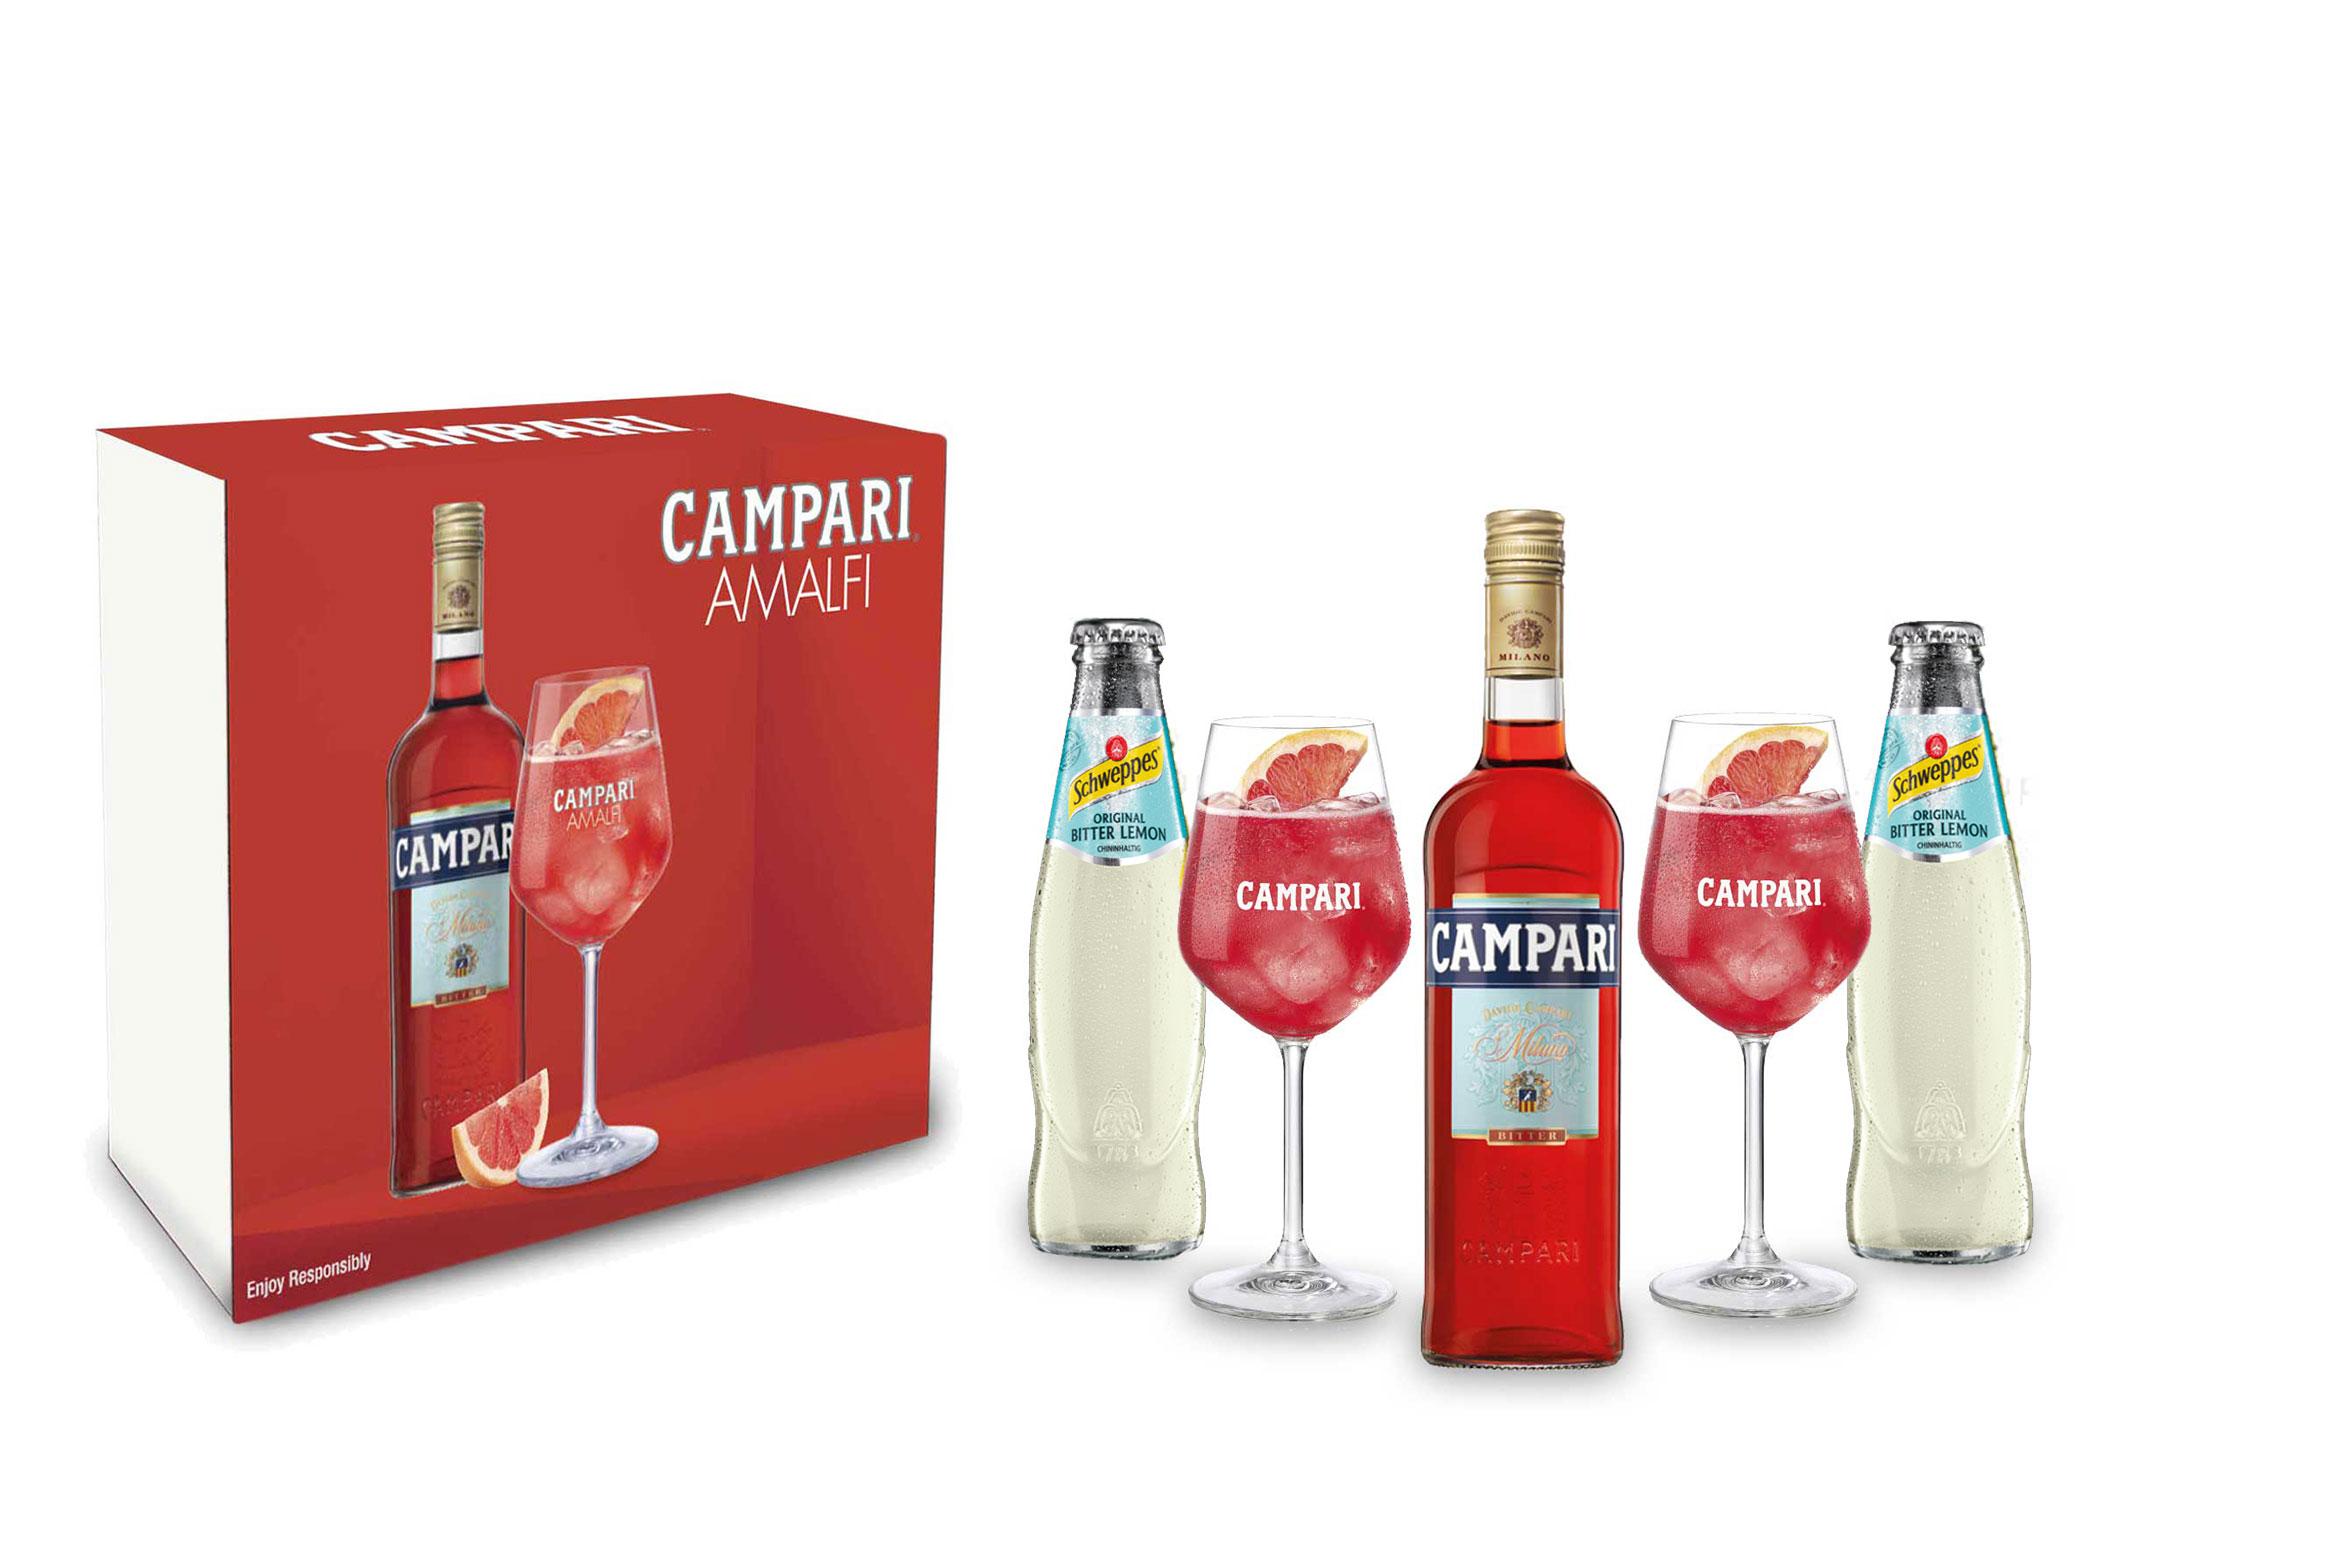 Campari Amalfi Geschenkset - Campari Aperitif 0,7L (25% Vol) Schuber mit 2x Wein Gläser + 2x Schweppes Bitter Lemon in Giftbox inkl. Pfand MEHRWEG - [Enthält Sulfite]